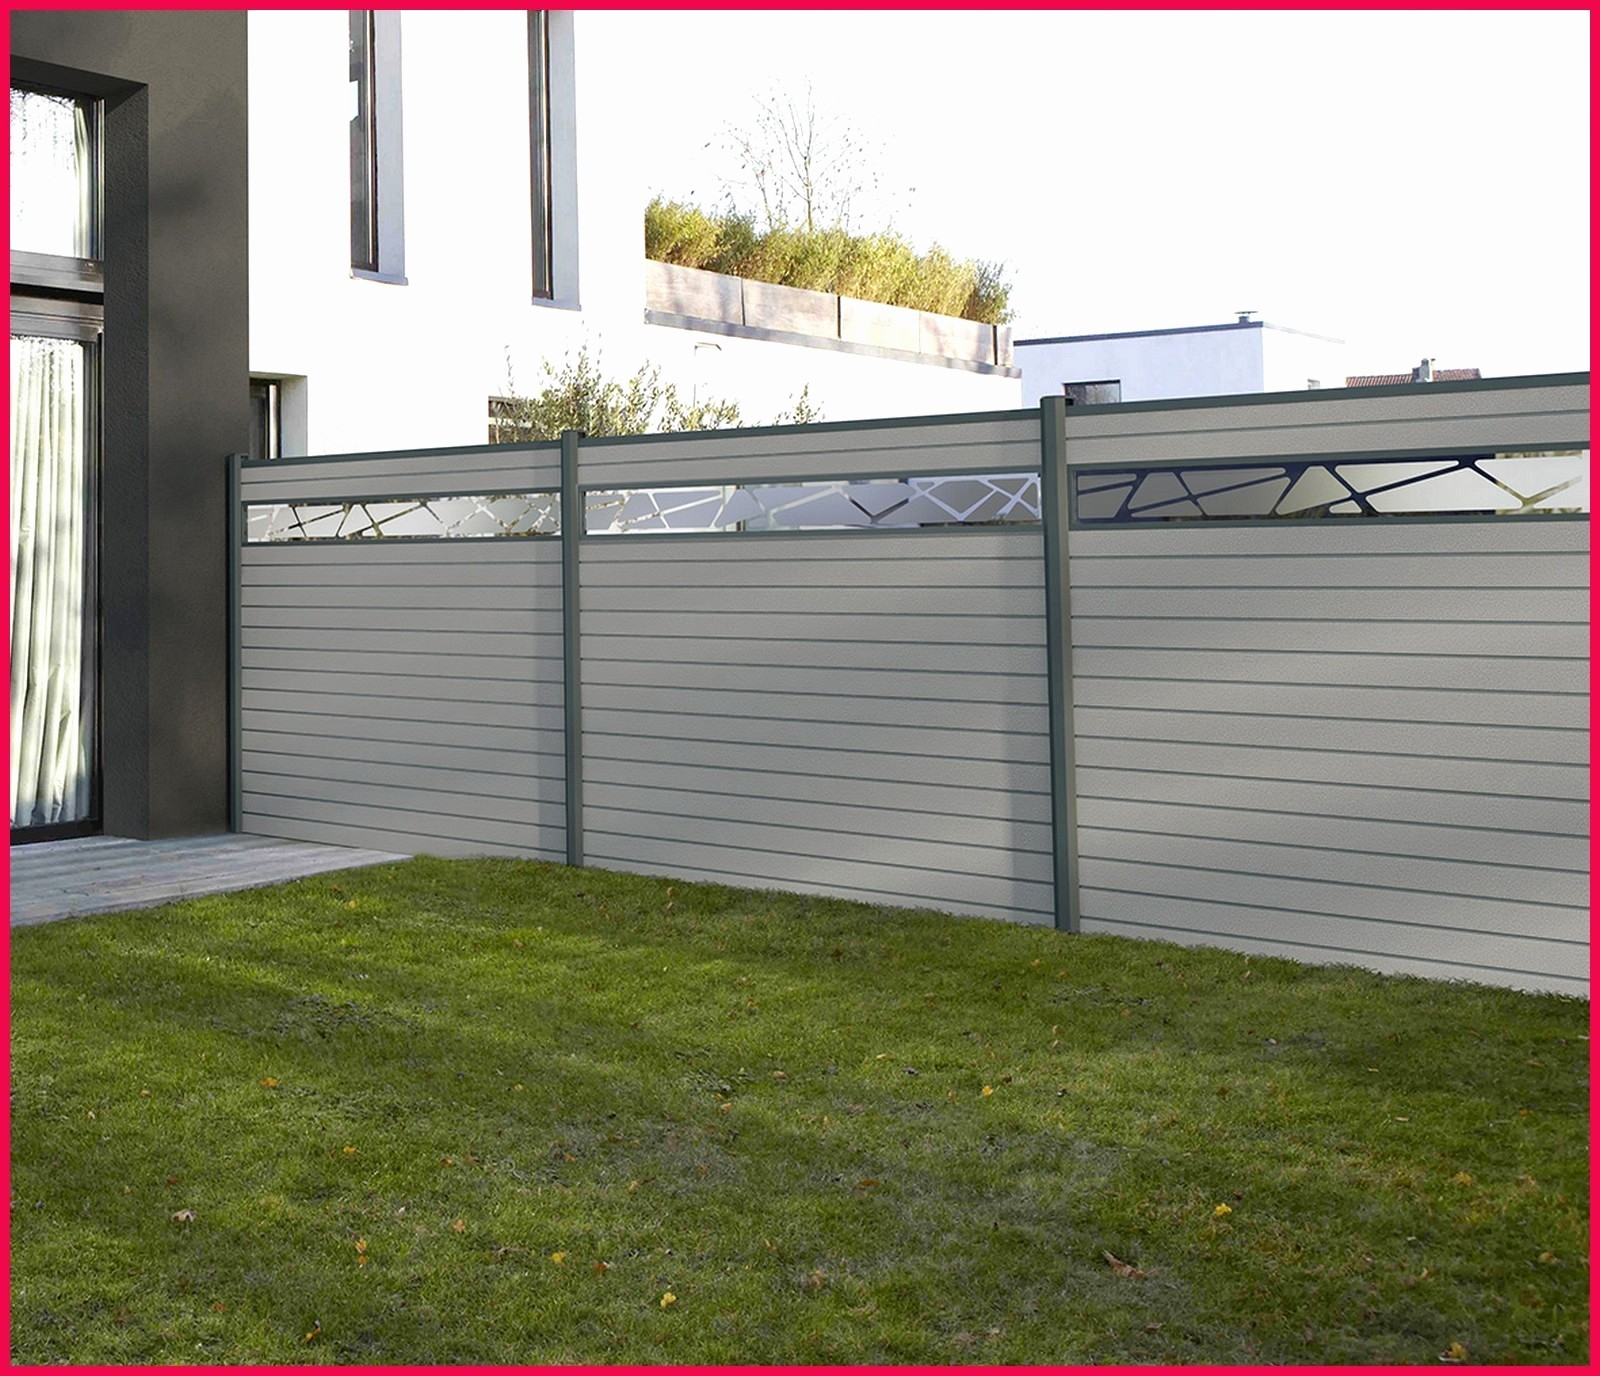 Cloture Jardin Pas Cher Brico Depot Frais Galerie Site Pour Construire Une Maison Abris De Jardin Pas Cher Brico Depot